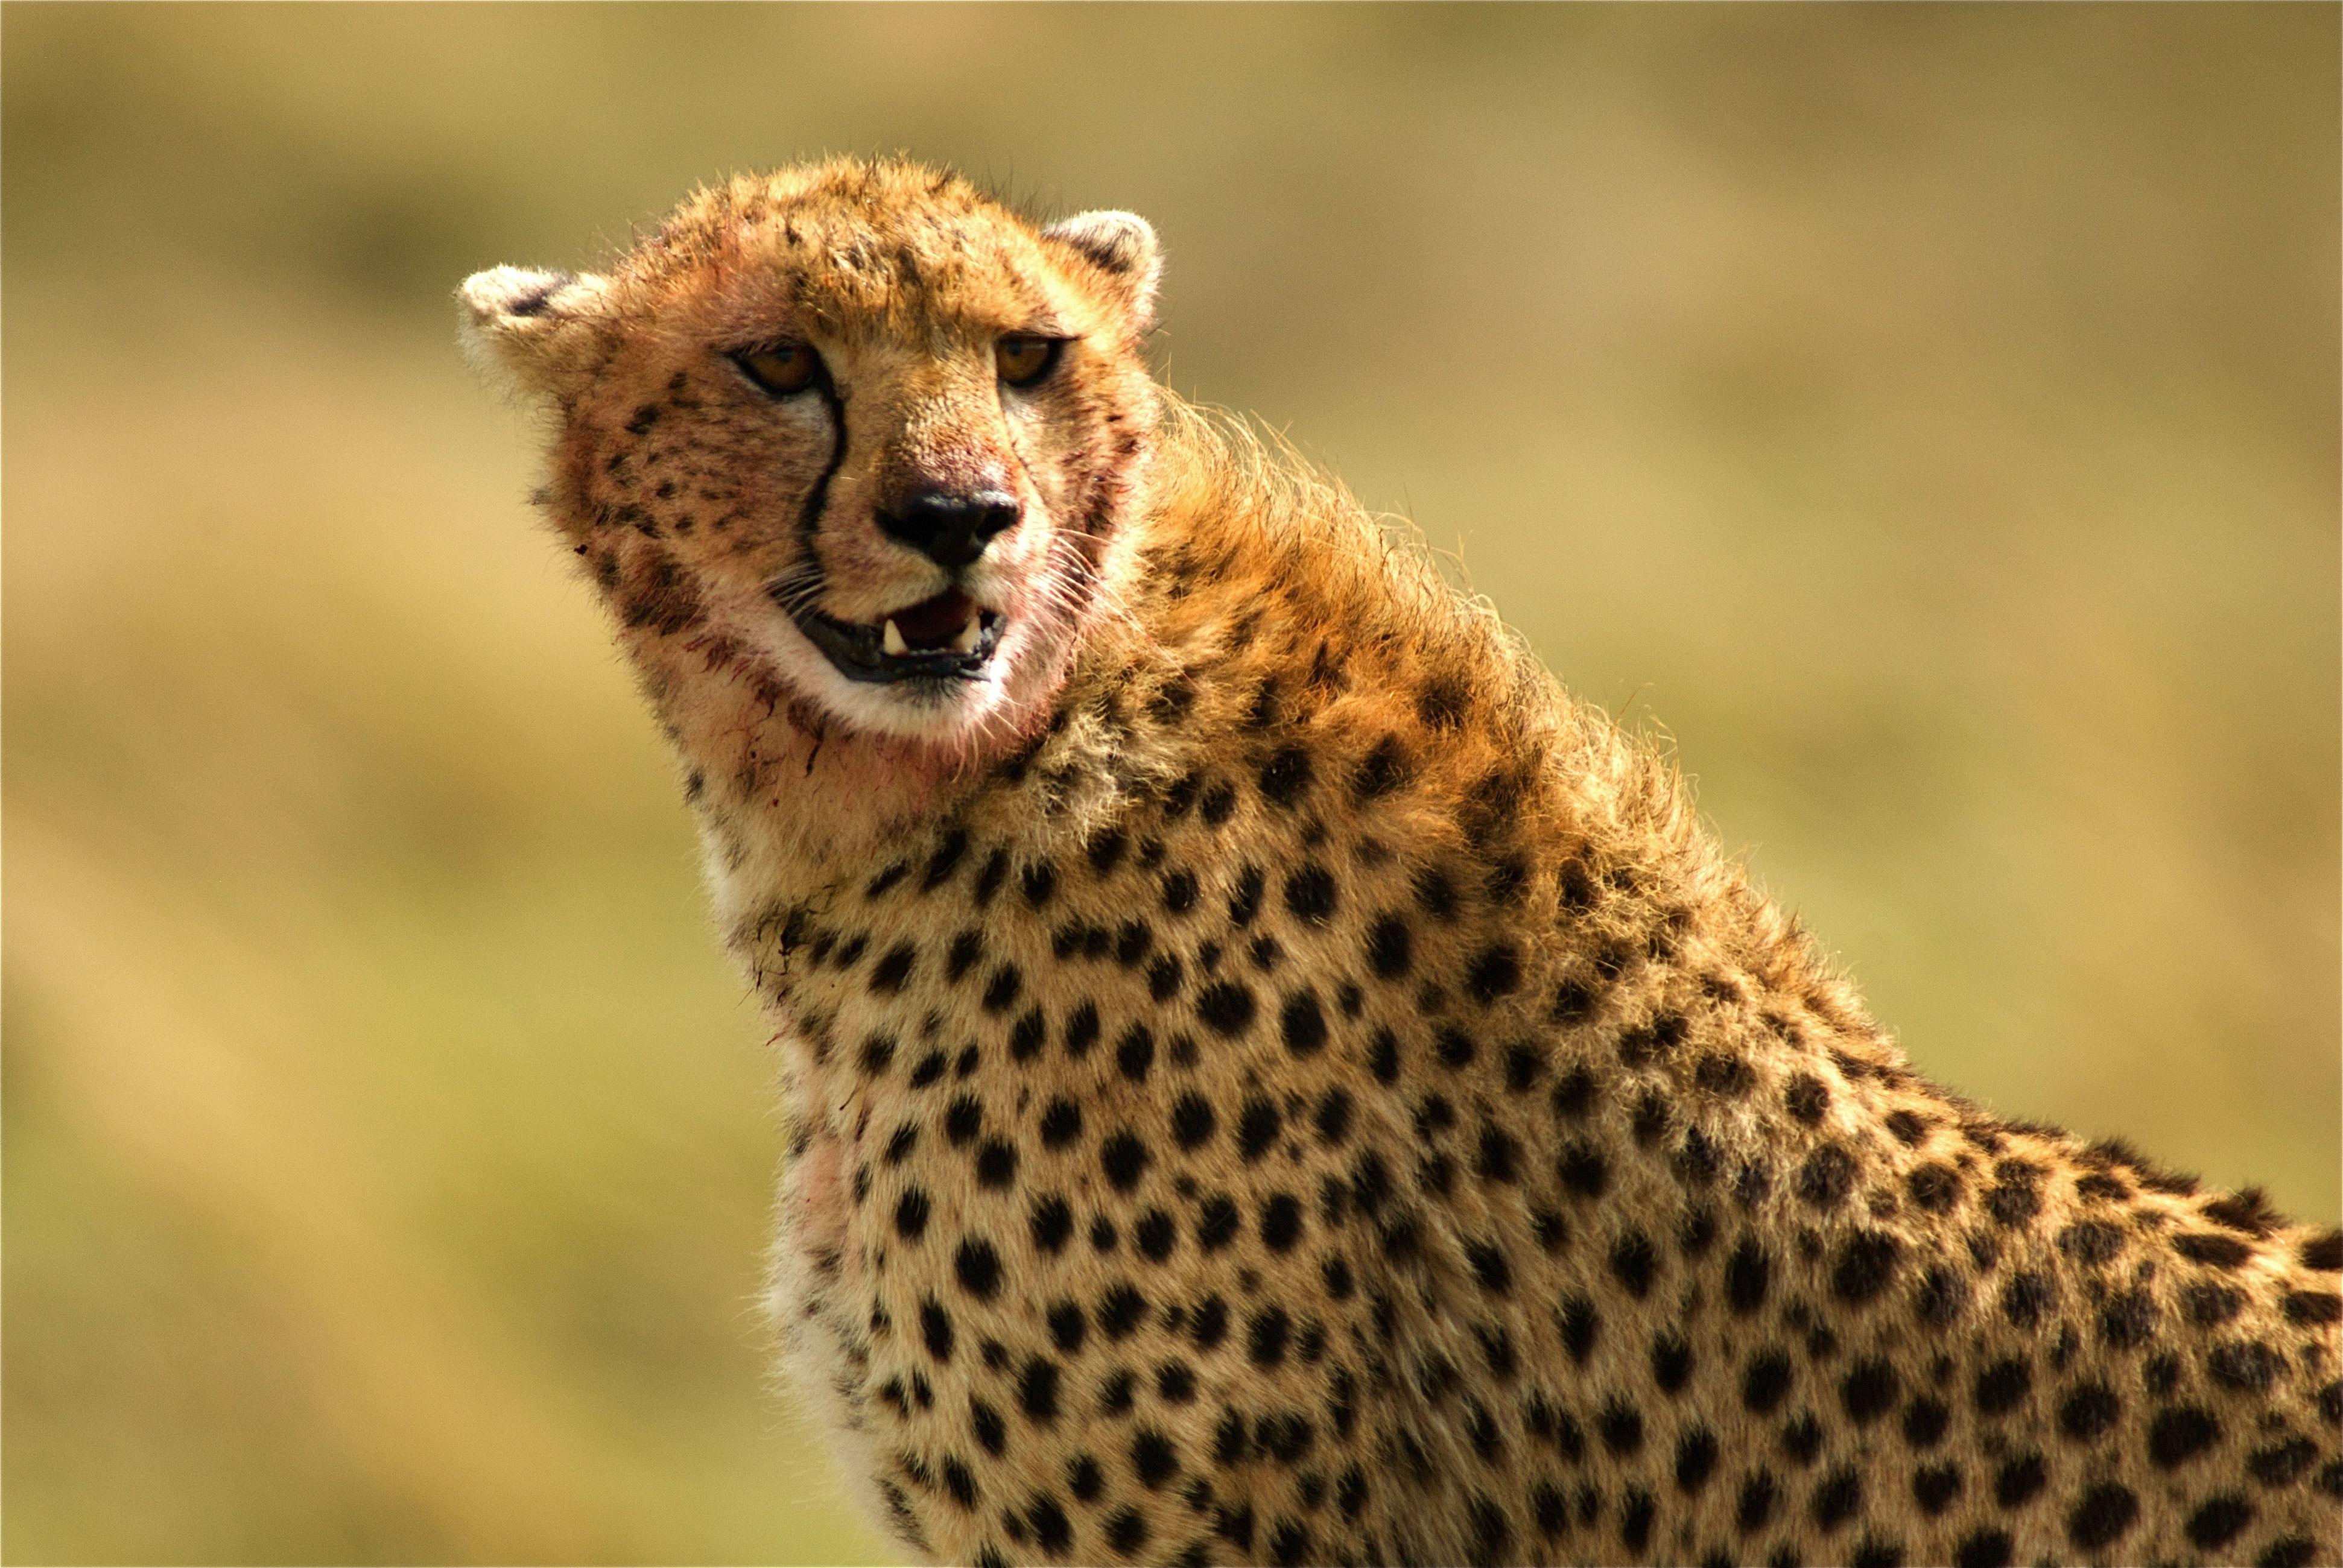 Cheetah Running Sand In High Resolution Hd Desktop Wallpaper